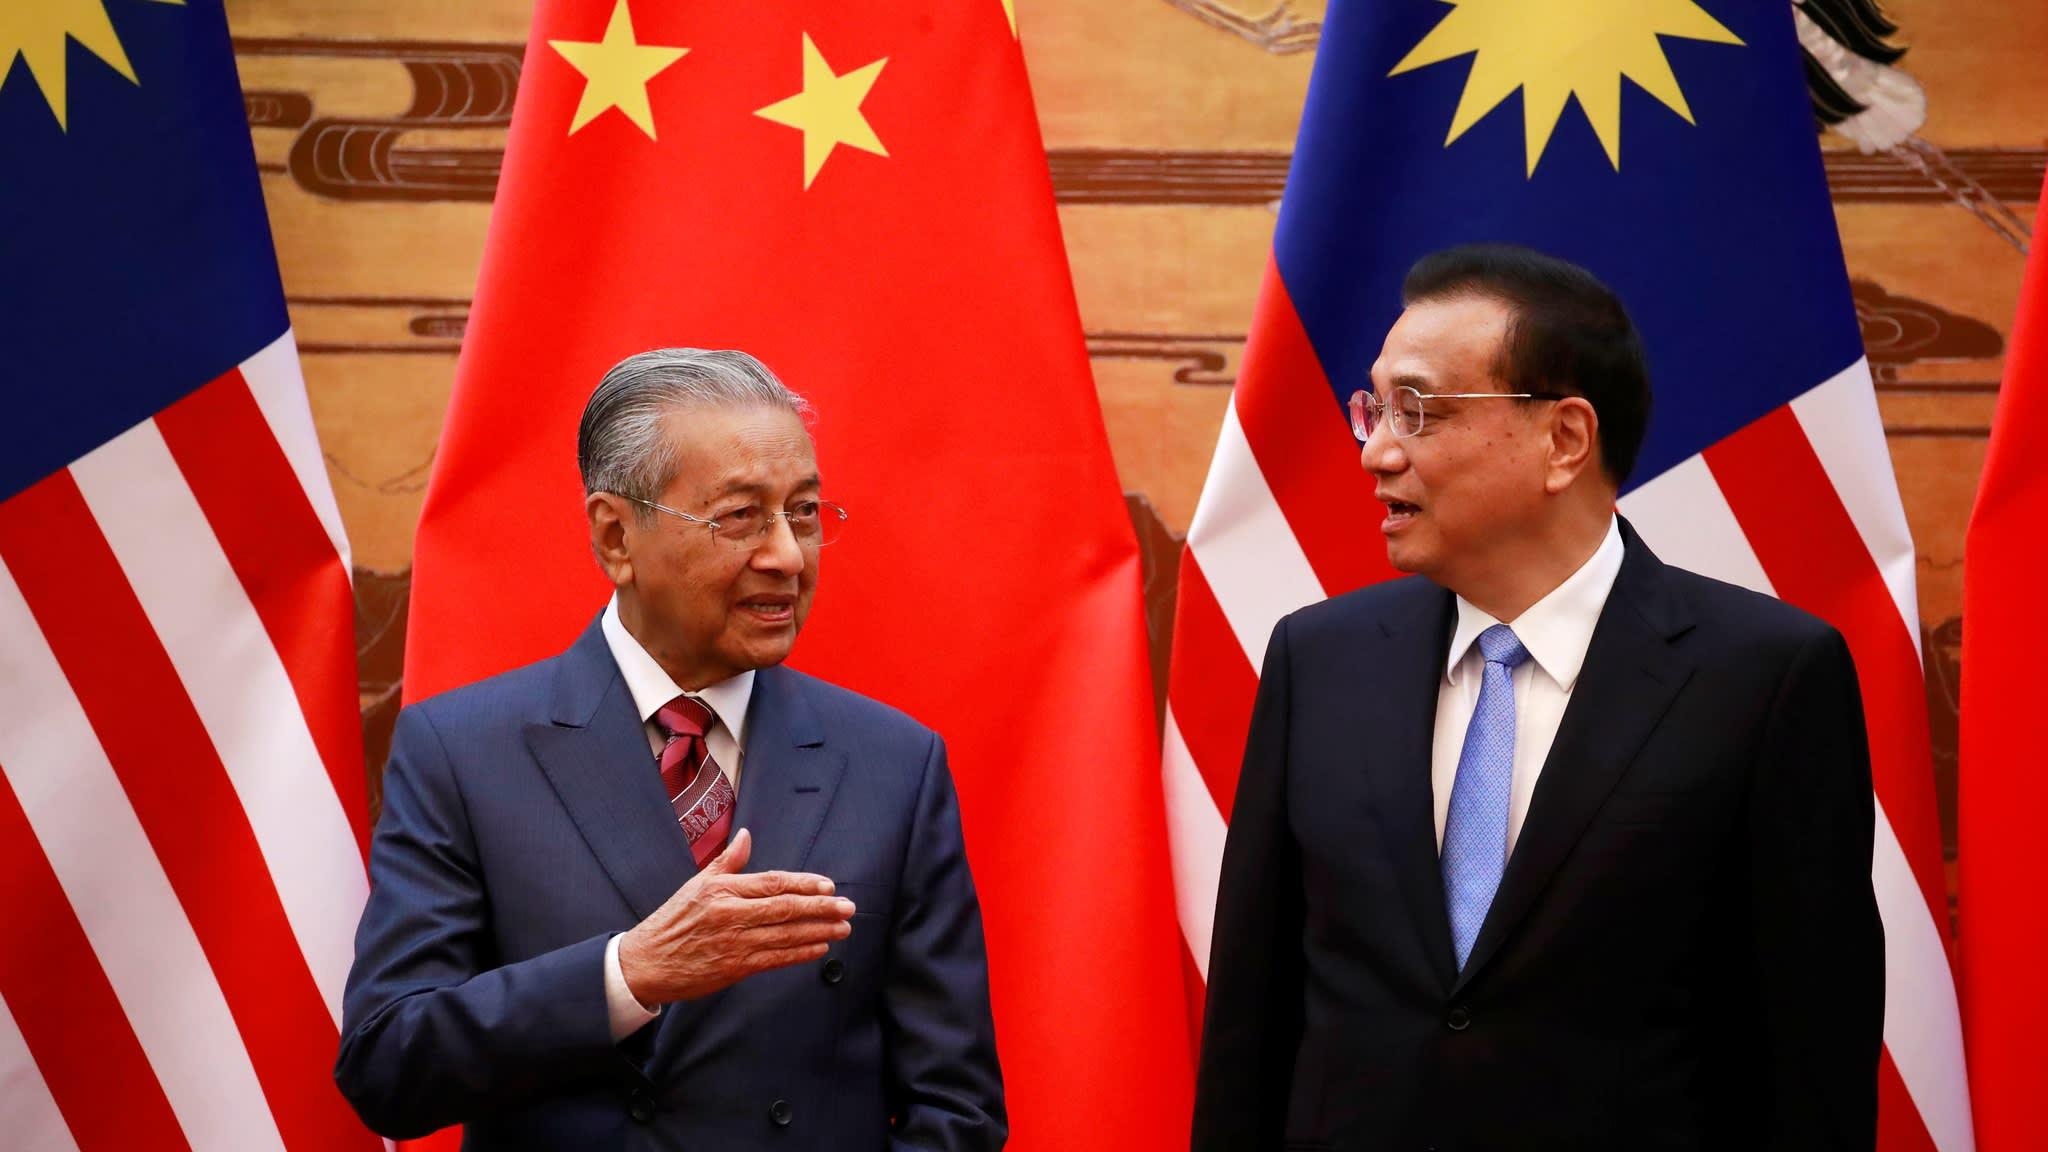 Economia   PM da Malásia espera que Pequim entenda crise fiscal no país